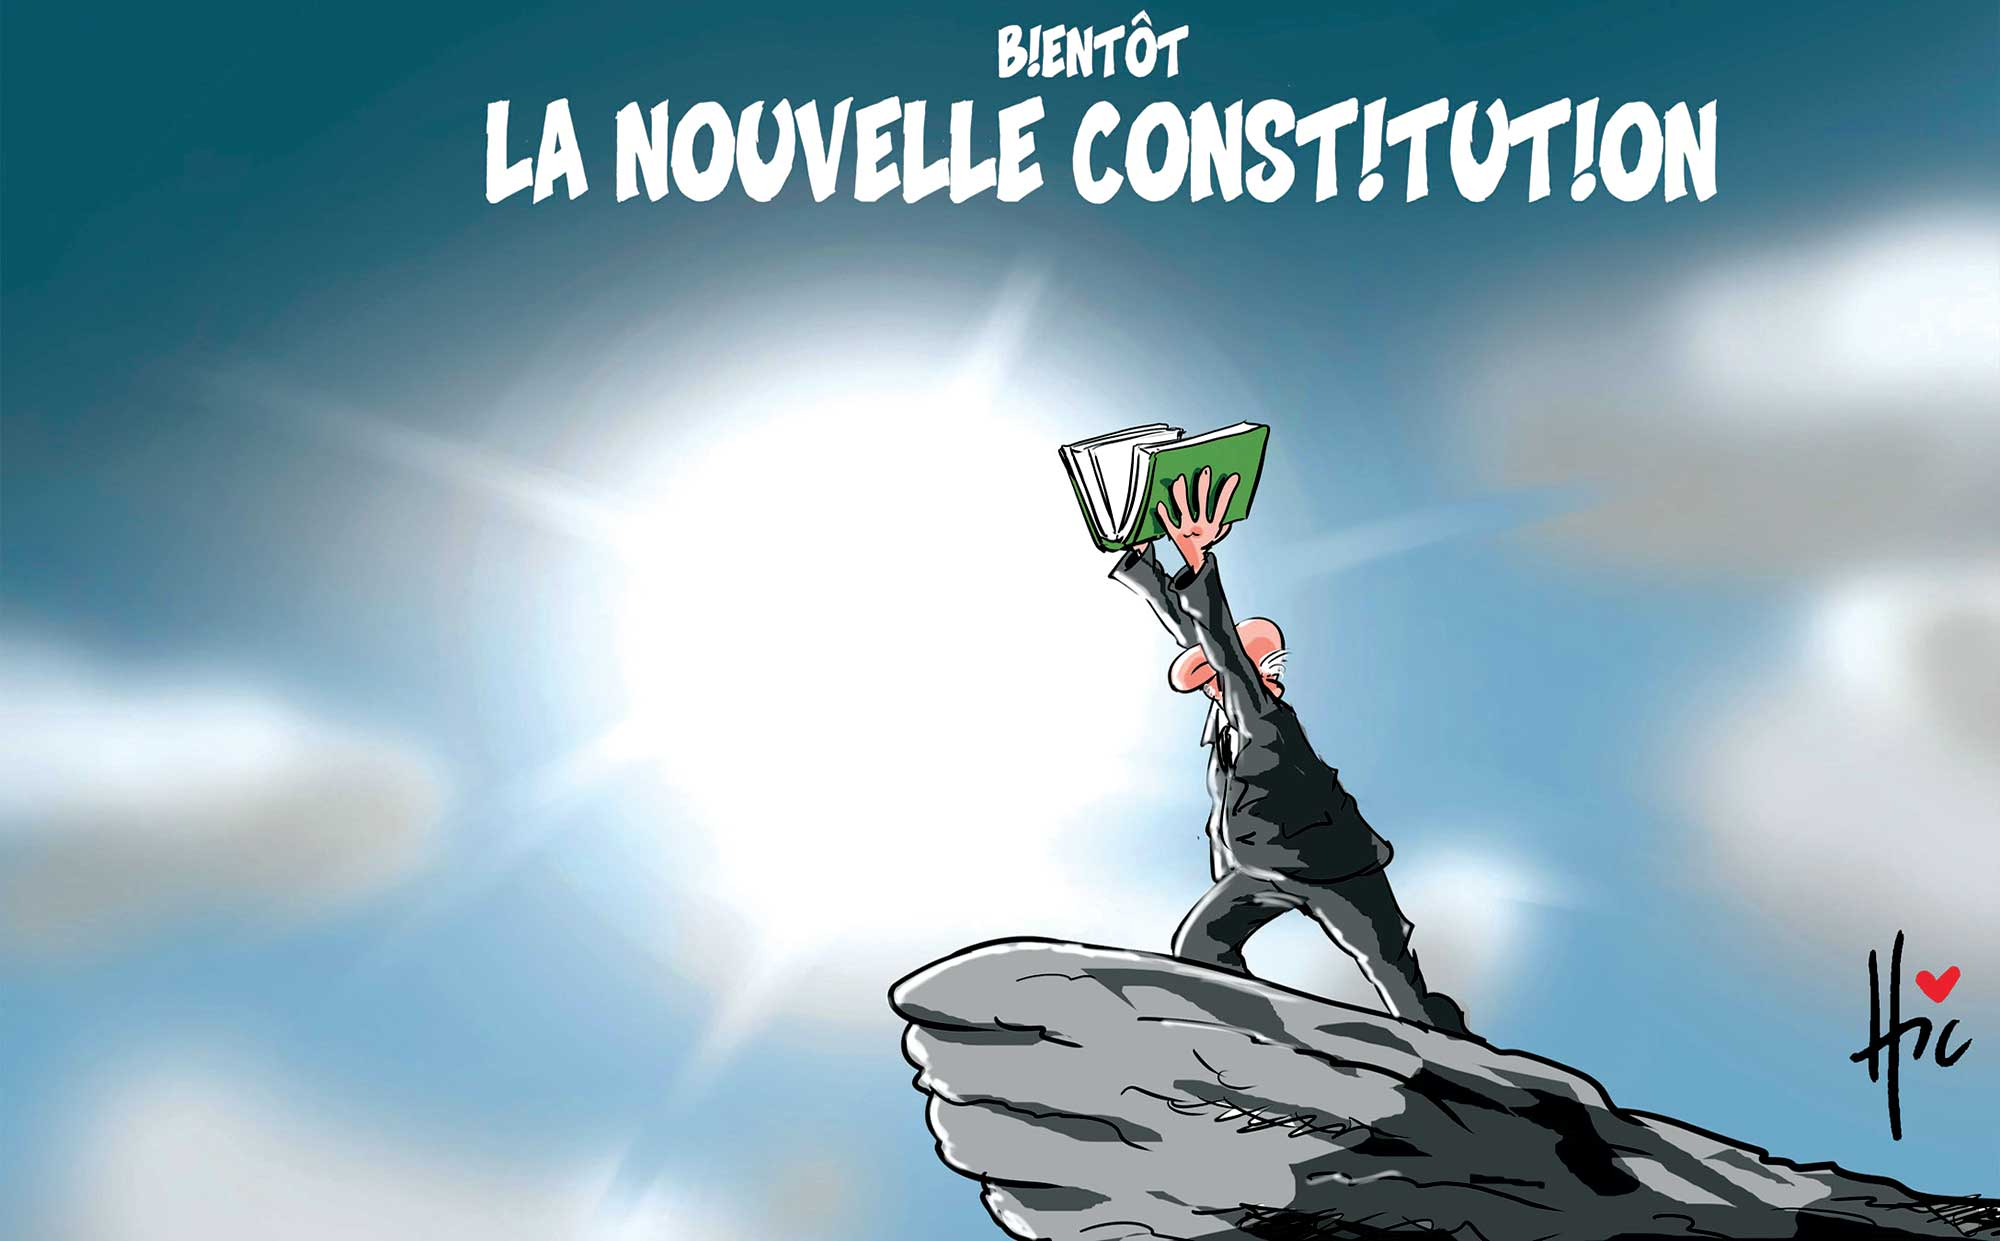 Bientôt la nouvelle constitution en Algérie - constitution - Gagdz.com